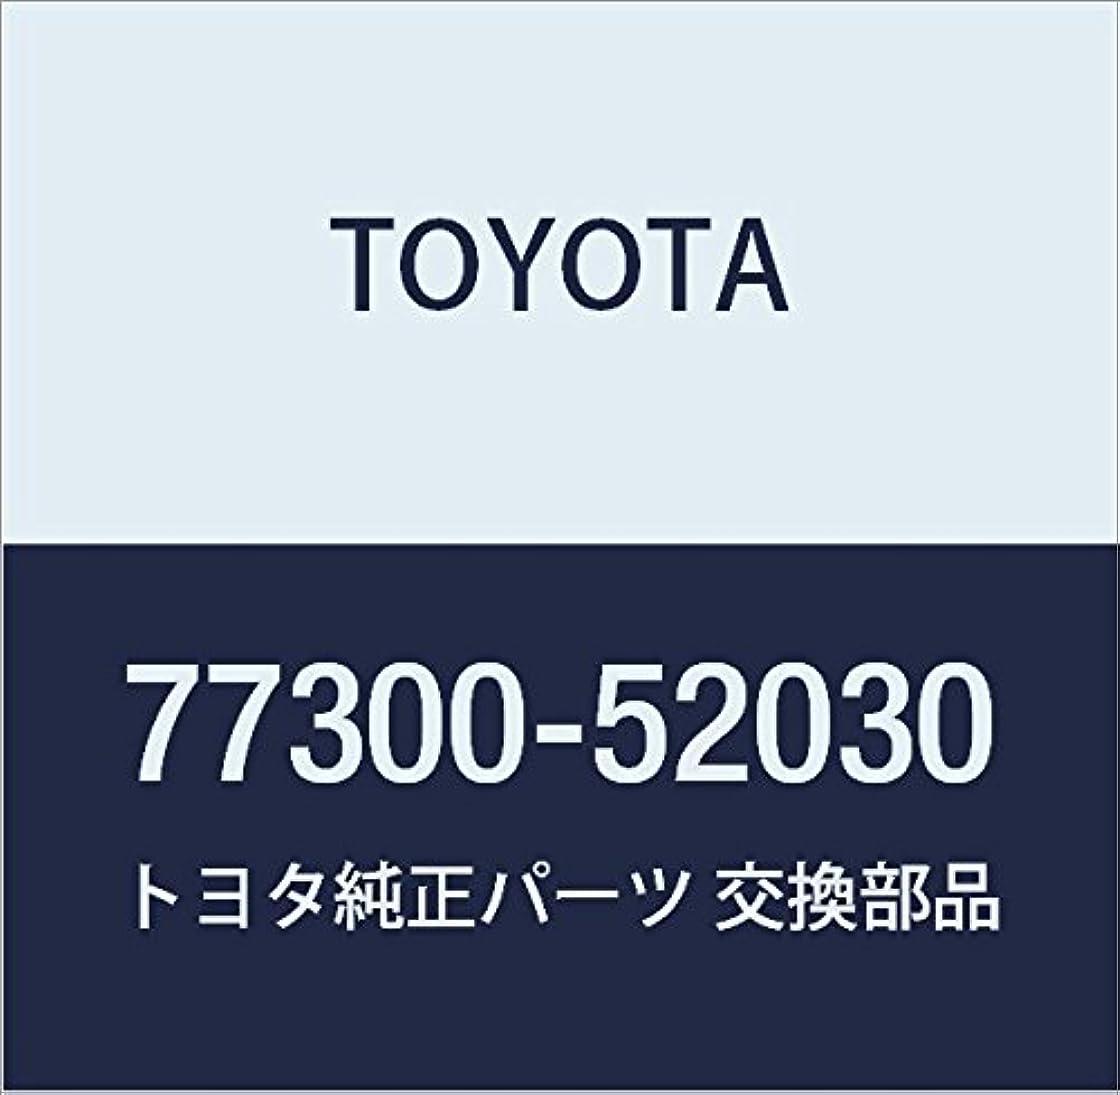 傷跡段階持続的TOYOTA (トヨタ) 純正部品 フューエルフィラオープニング リッドASSY セリカ 品番77350-20311